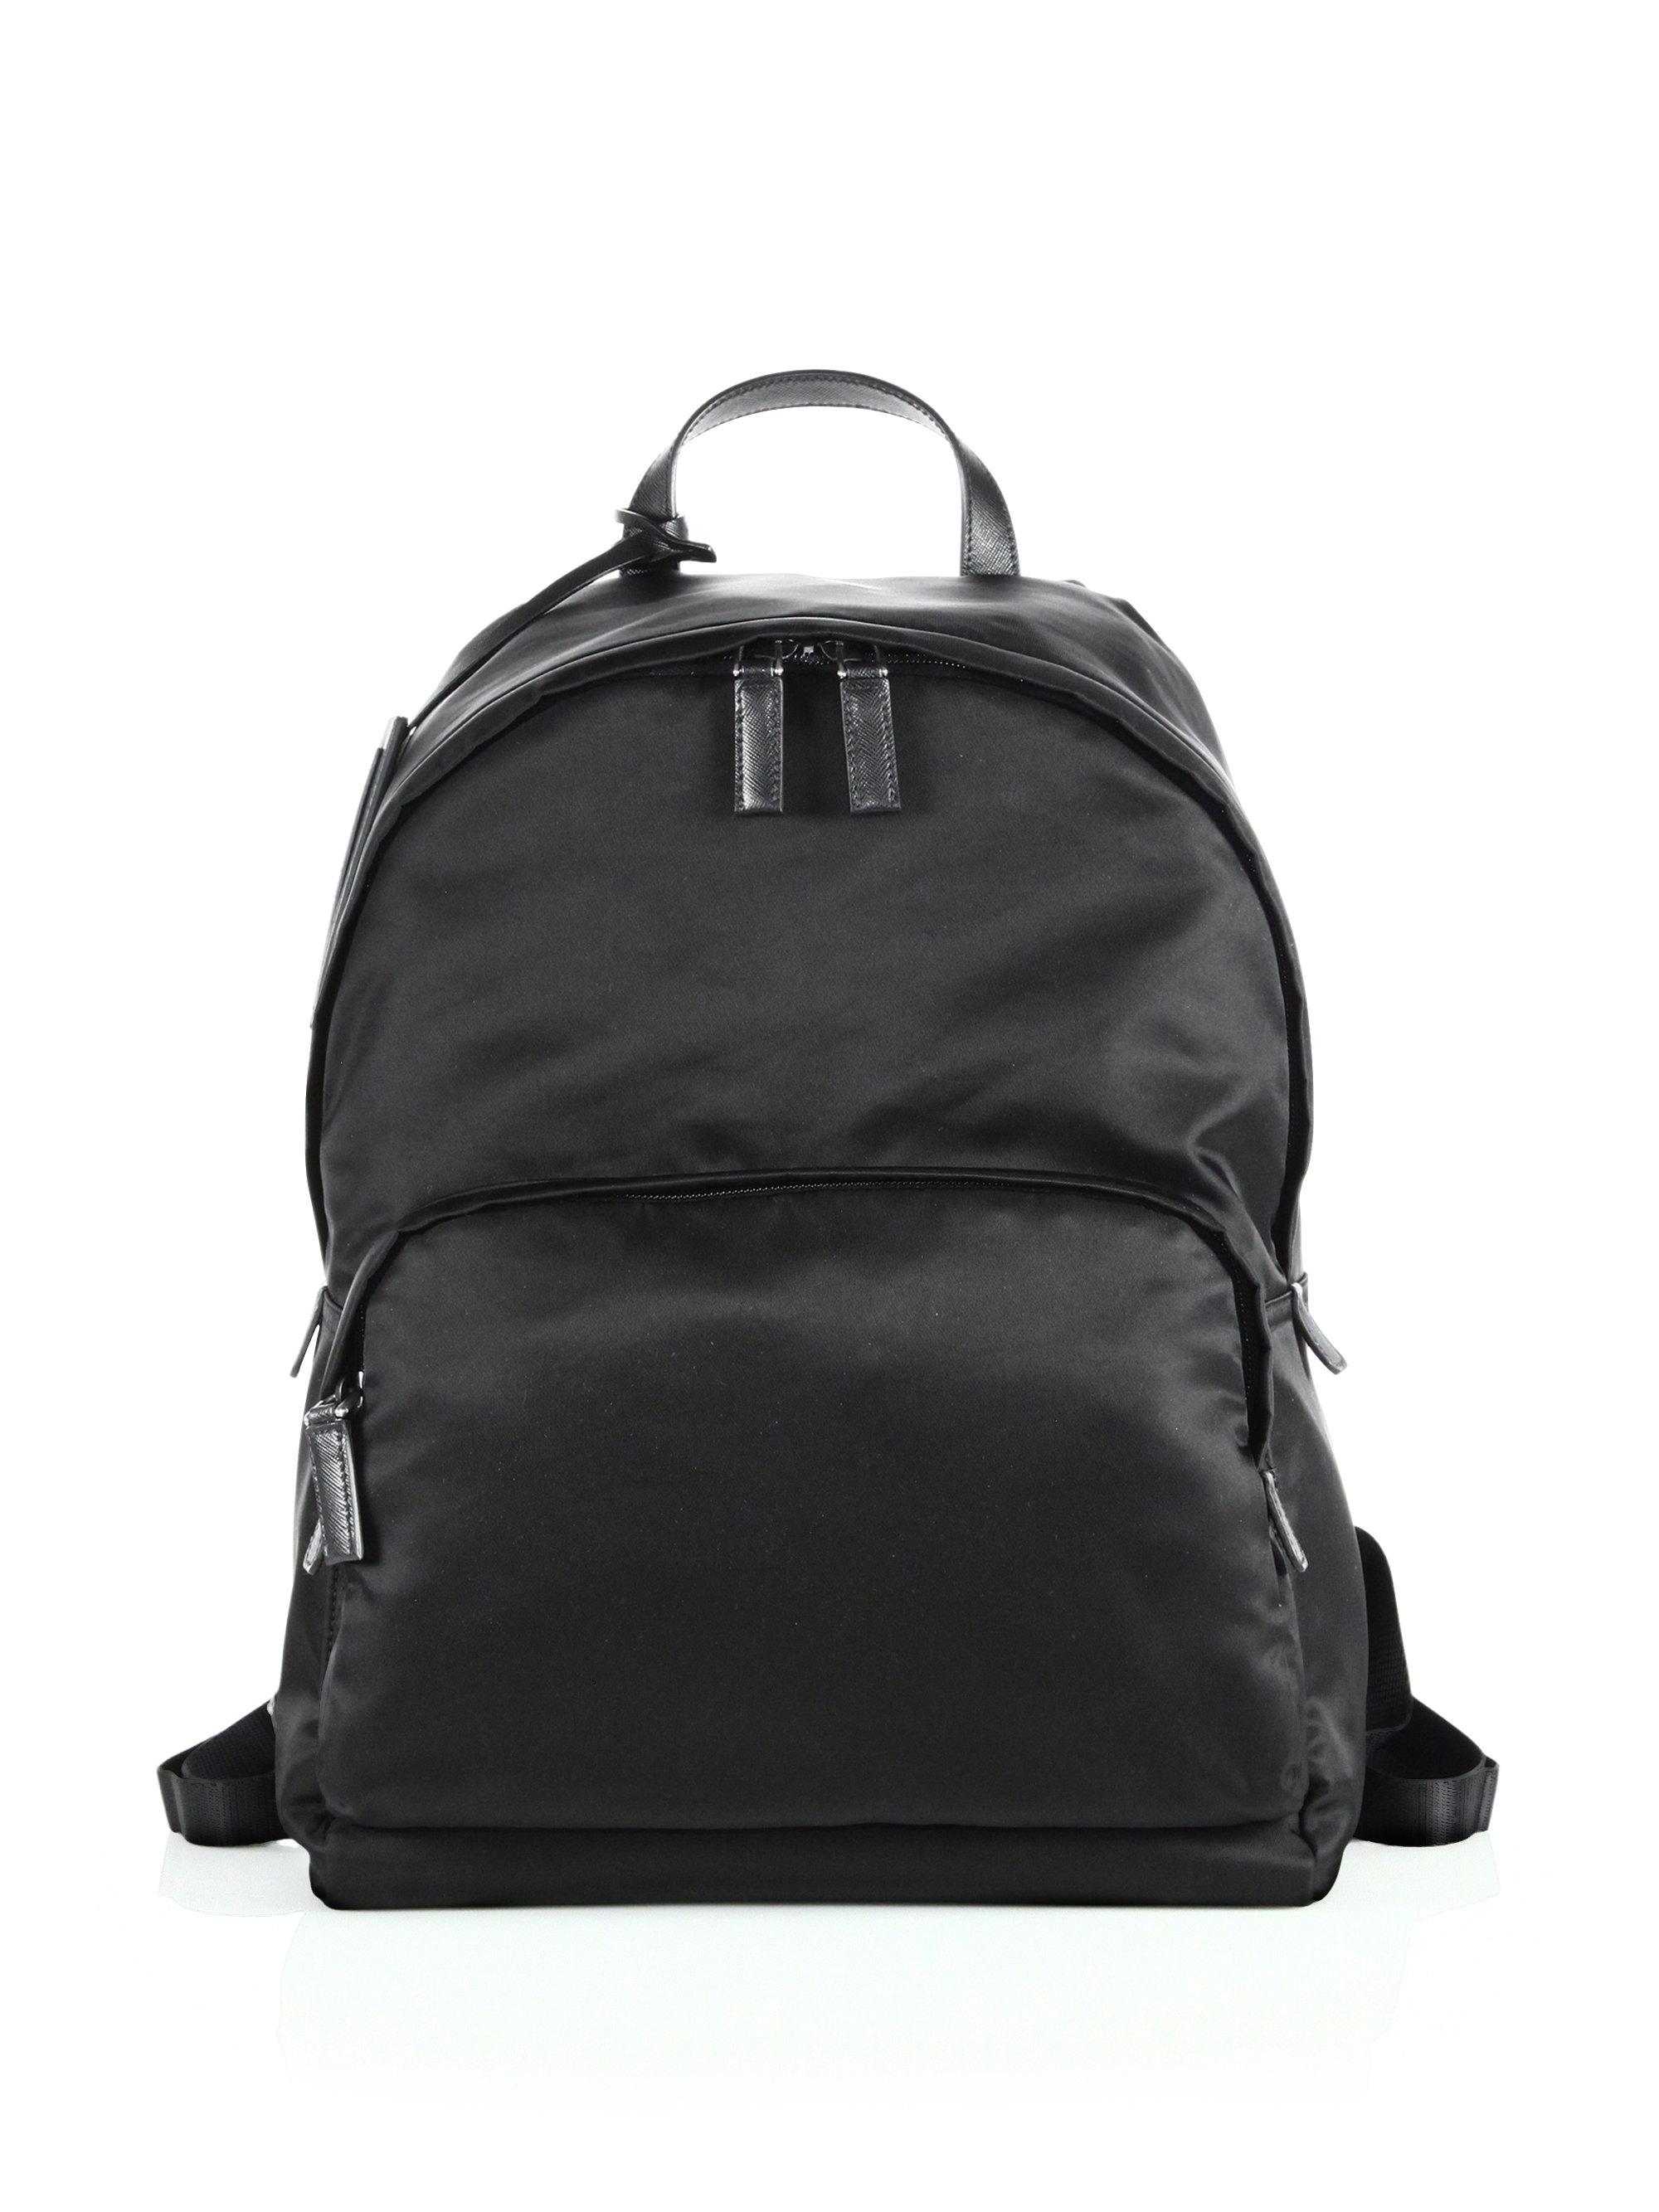 d7321d8429d5 ... australia lyst prada zaino backpack in black for men 7c3d7 c6114